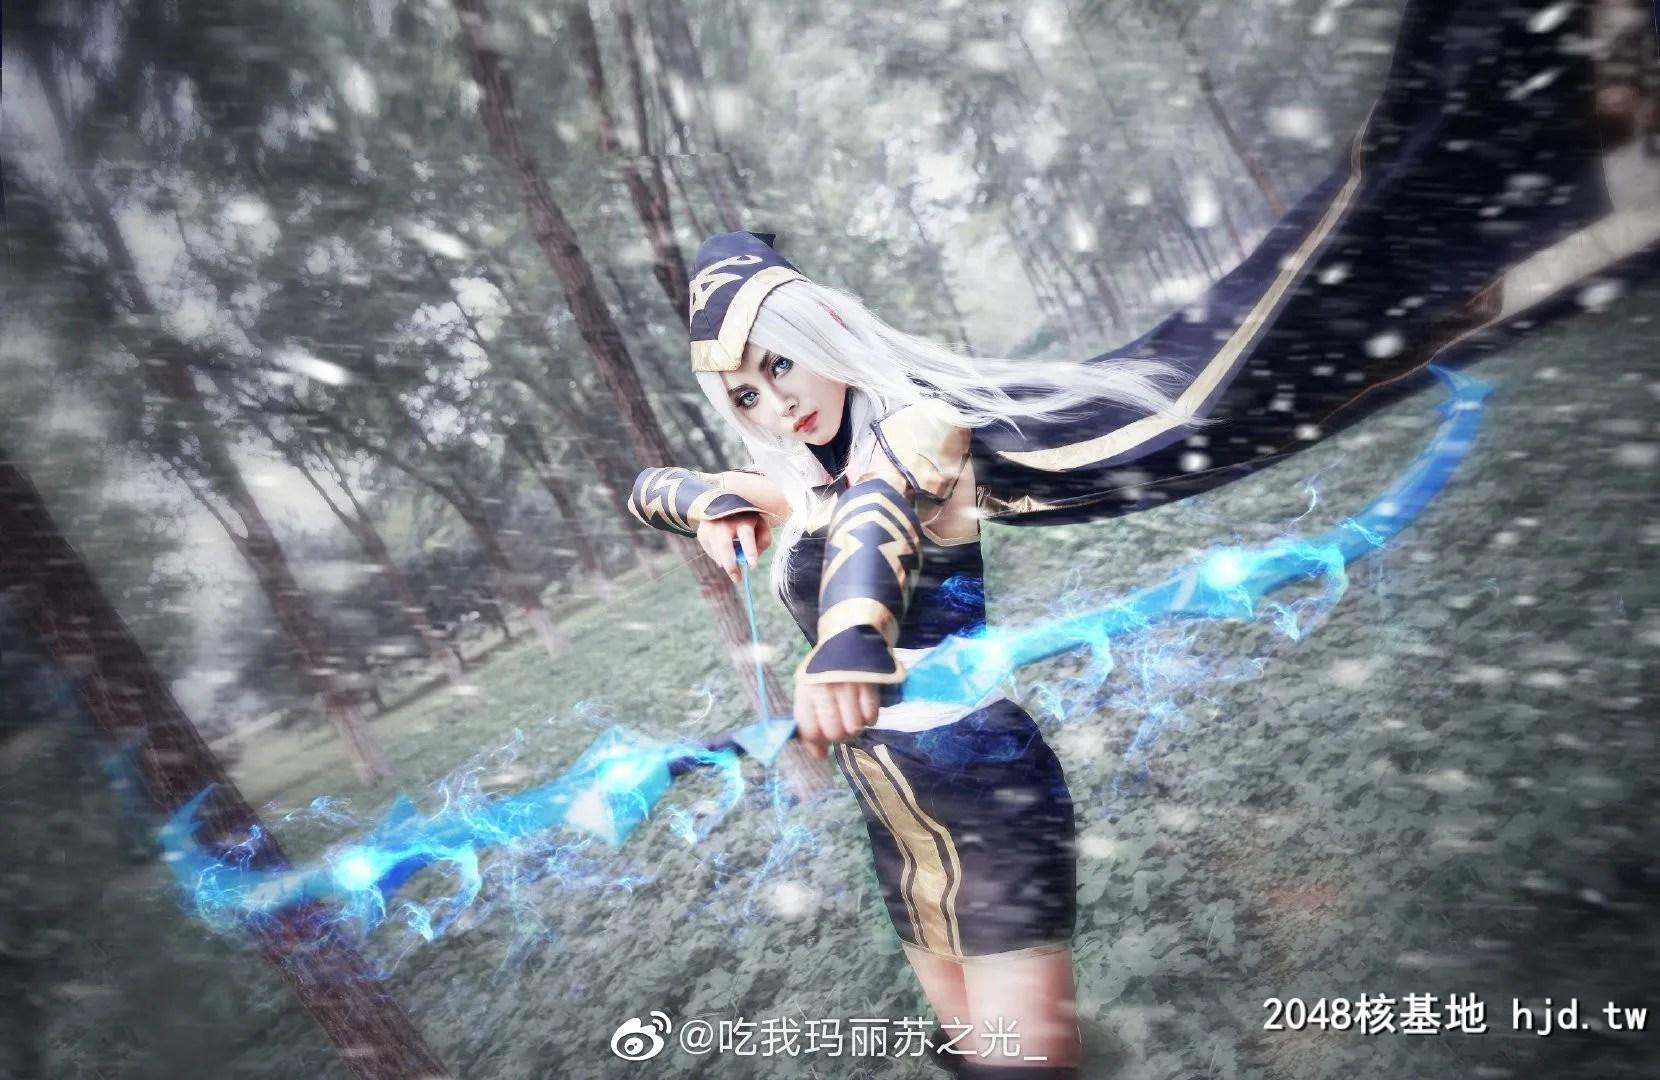 英雄联盟寒冰射手艾希@吃我玛丽苏之光_ (9P)插图(6)